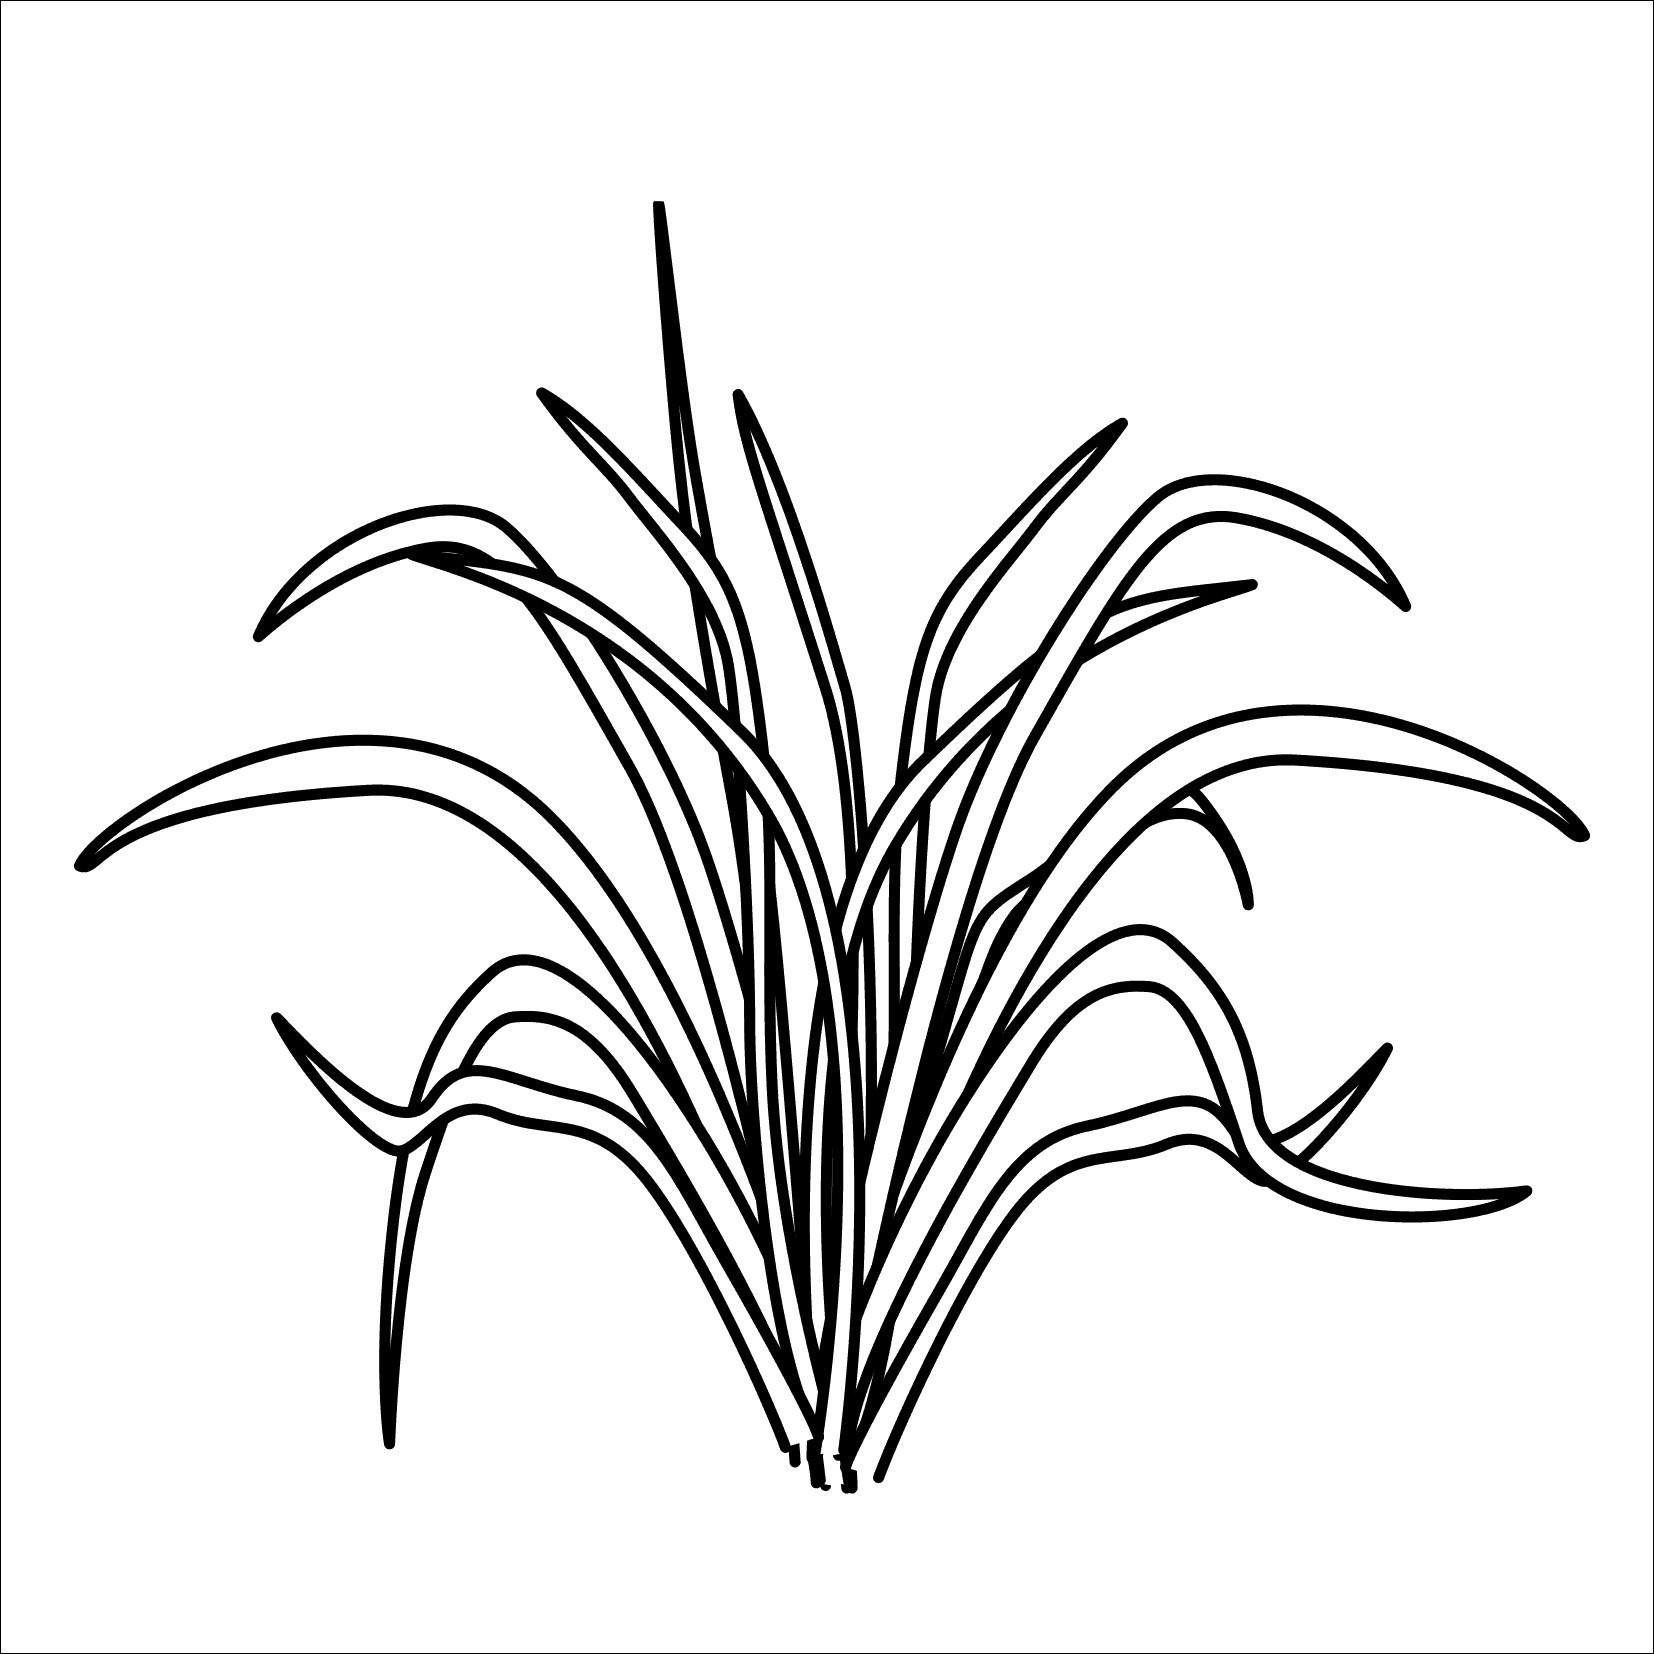 Ausmalbilder Pflanzen Gegen Zombies Das Beste Von Pflanzen Gegen Zombies Ausmalbilder Foto Printable Coloring Pages Bilder